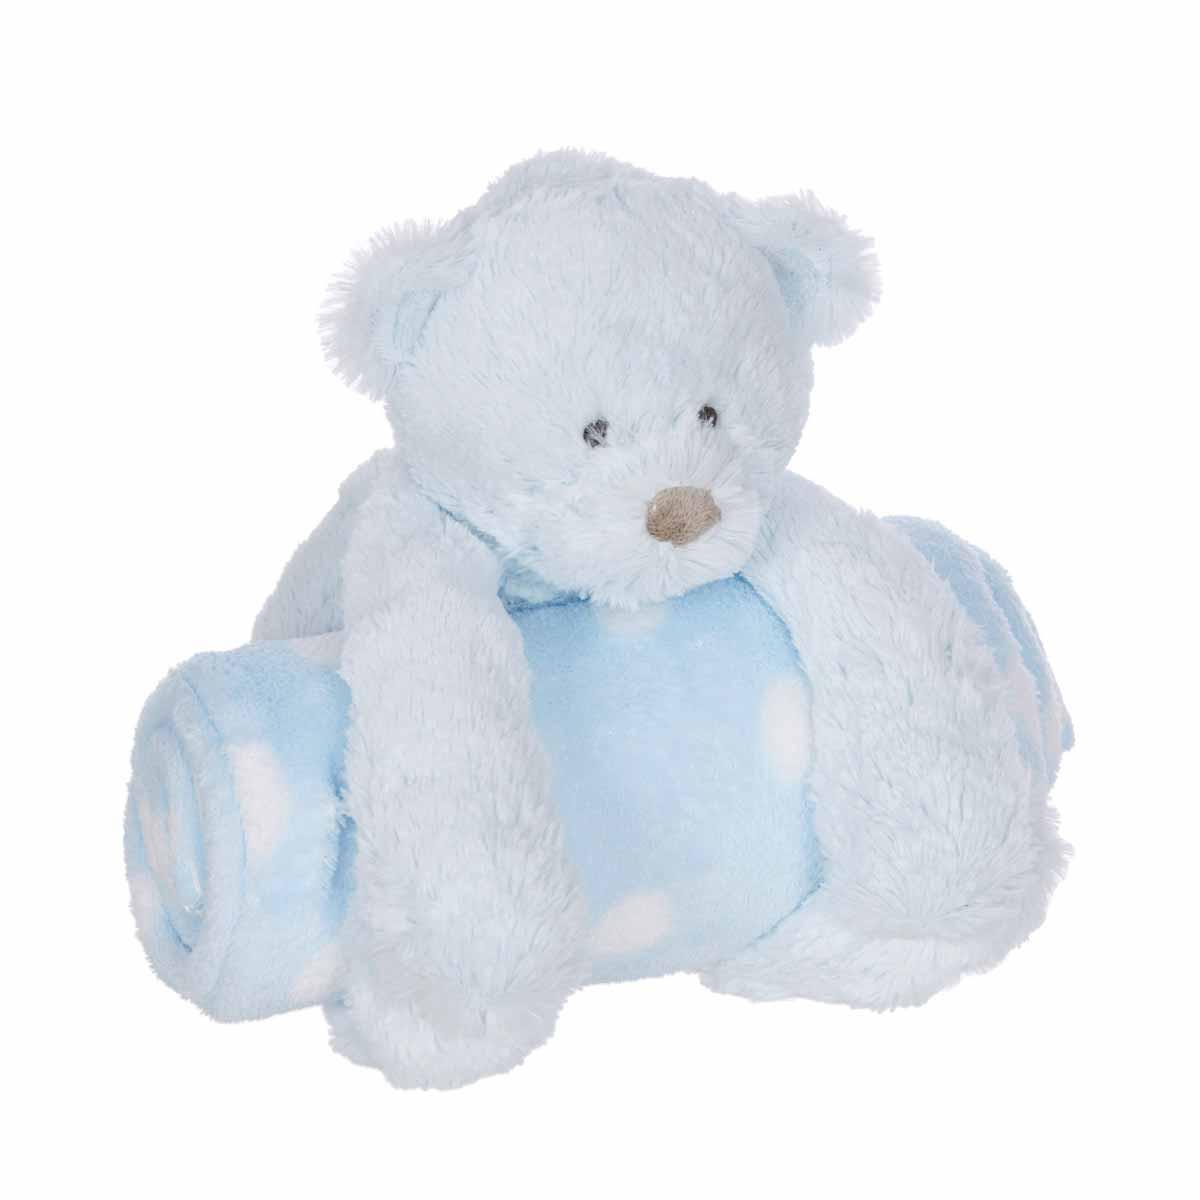 Κουβέρτα Fleece Αγκαλιάς Manon Des Pres Αρκουδάκι Σιέλ